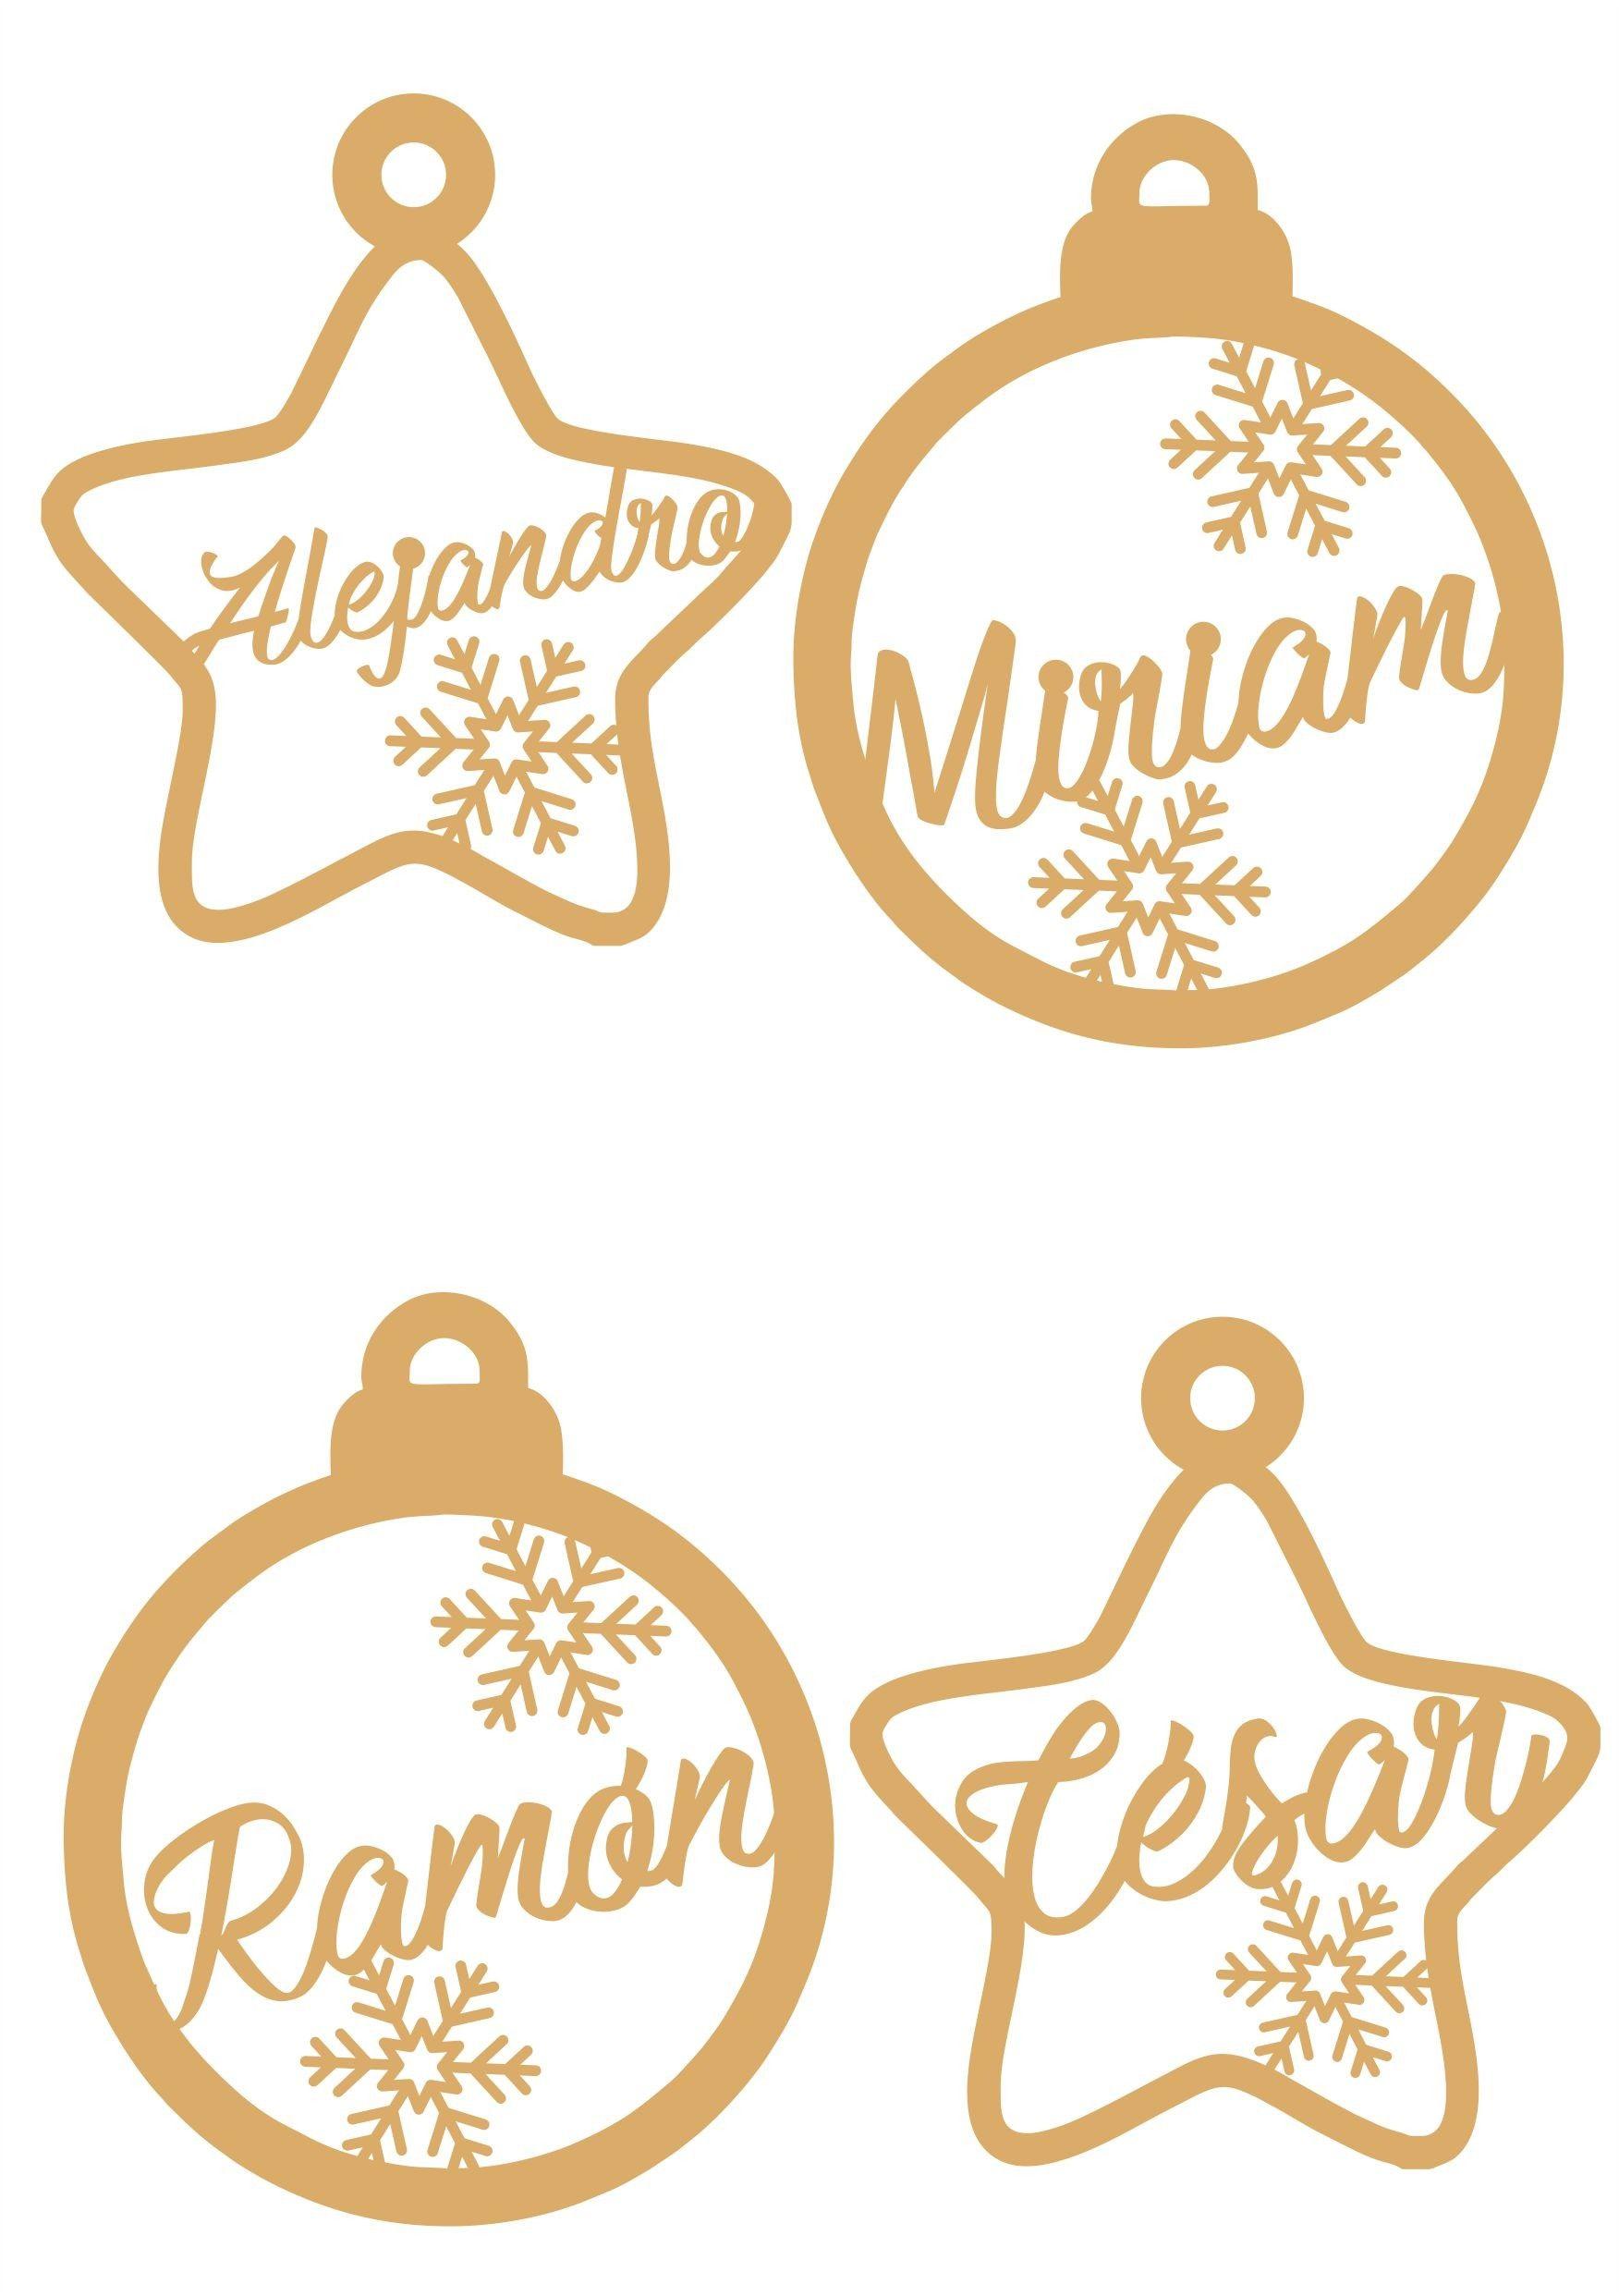 Set de 4 adornos navideos personalizados para decorar el rbol